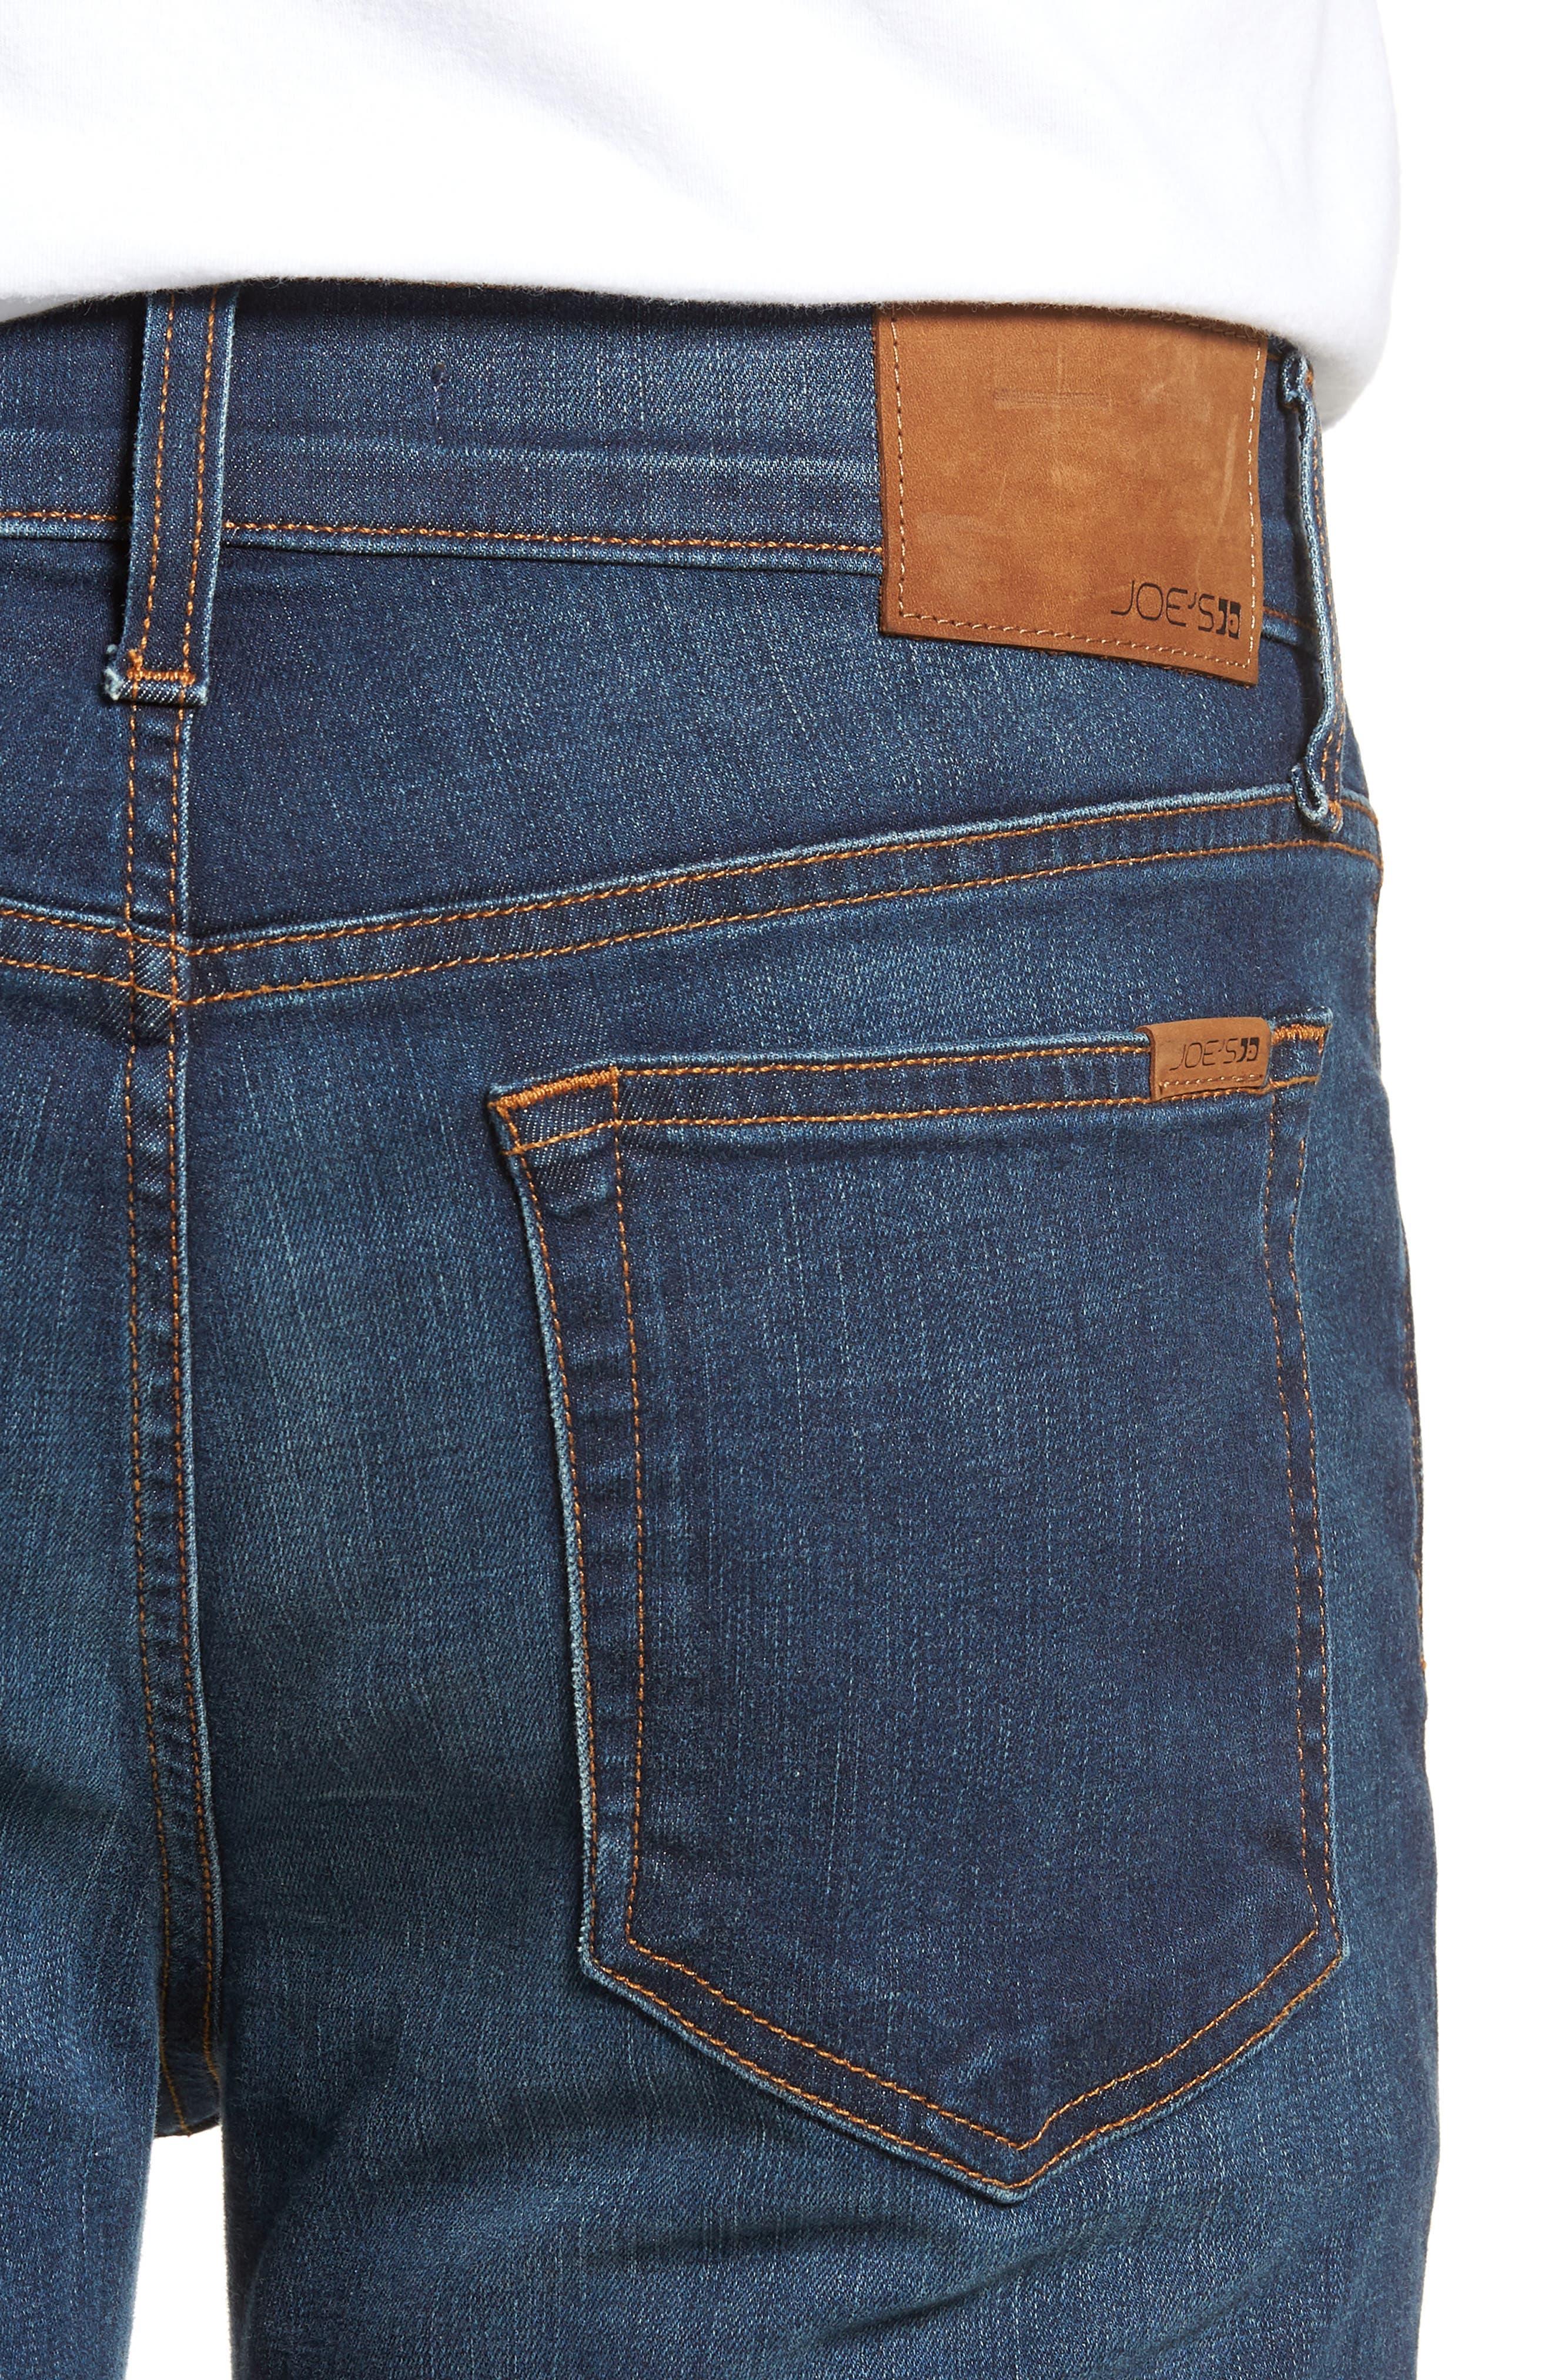 Slim Fit Jeans,                             Alternate thumbnail 4, color,                             Brett